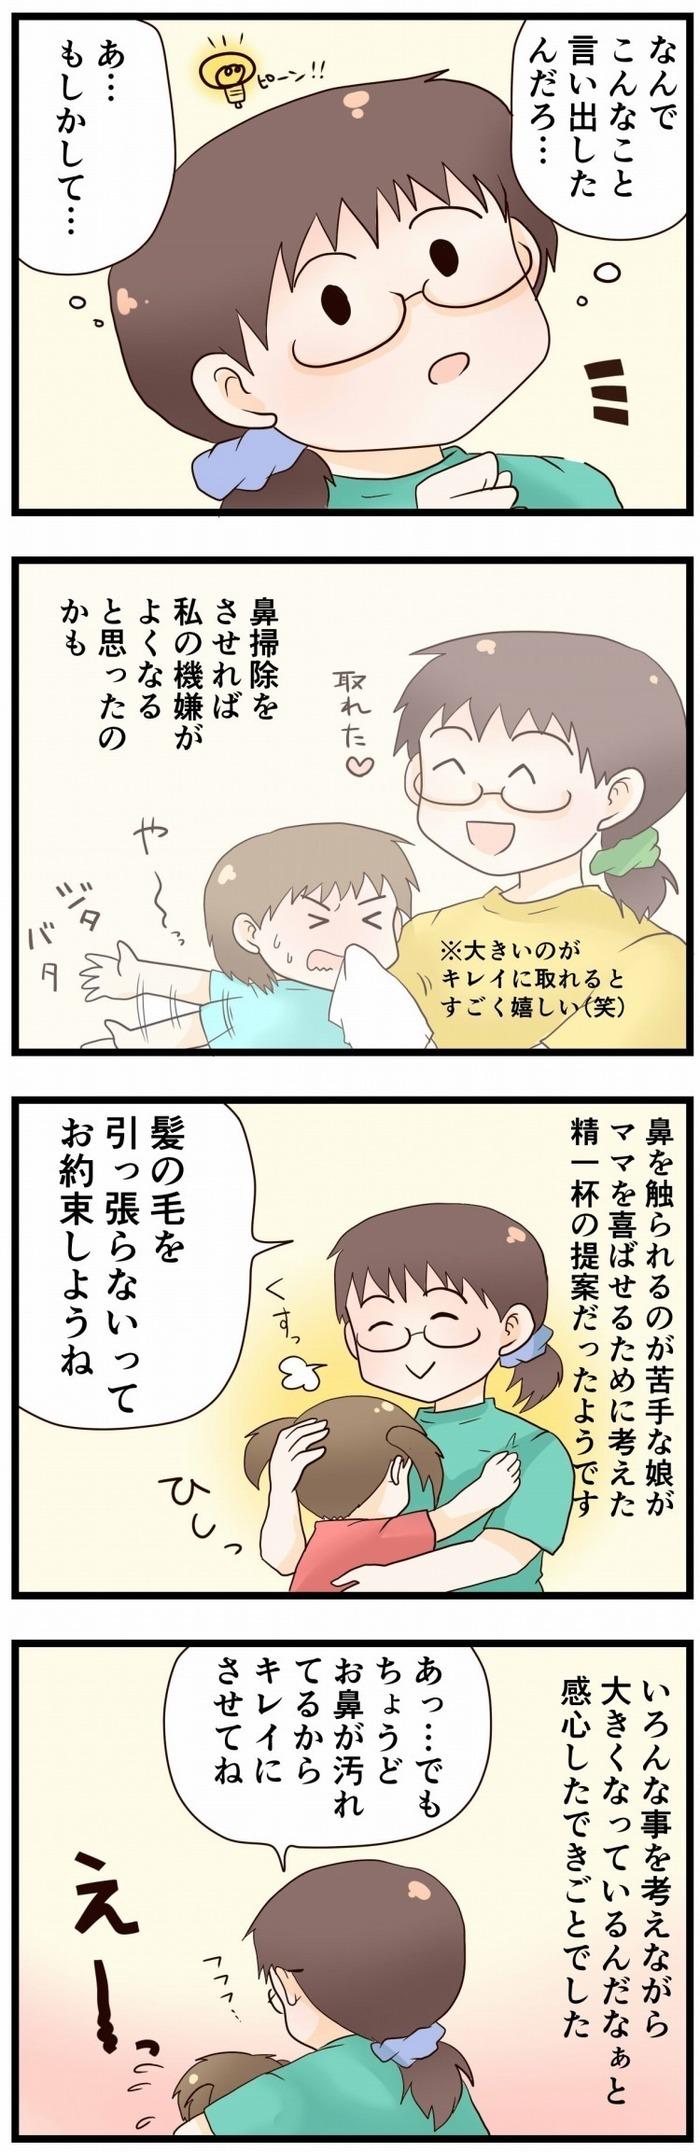 ママに叱られた2歳娘の「お詫びのしるし」のアイディアがすごい…(笑)の画像2